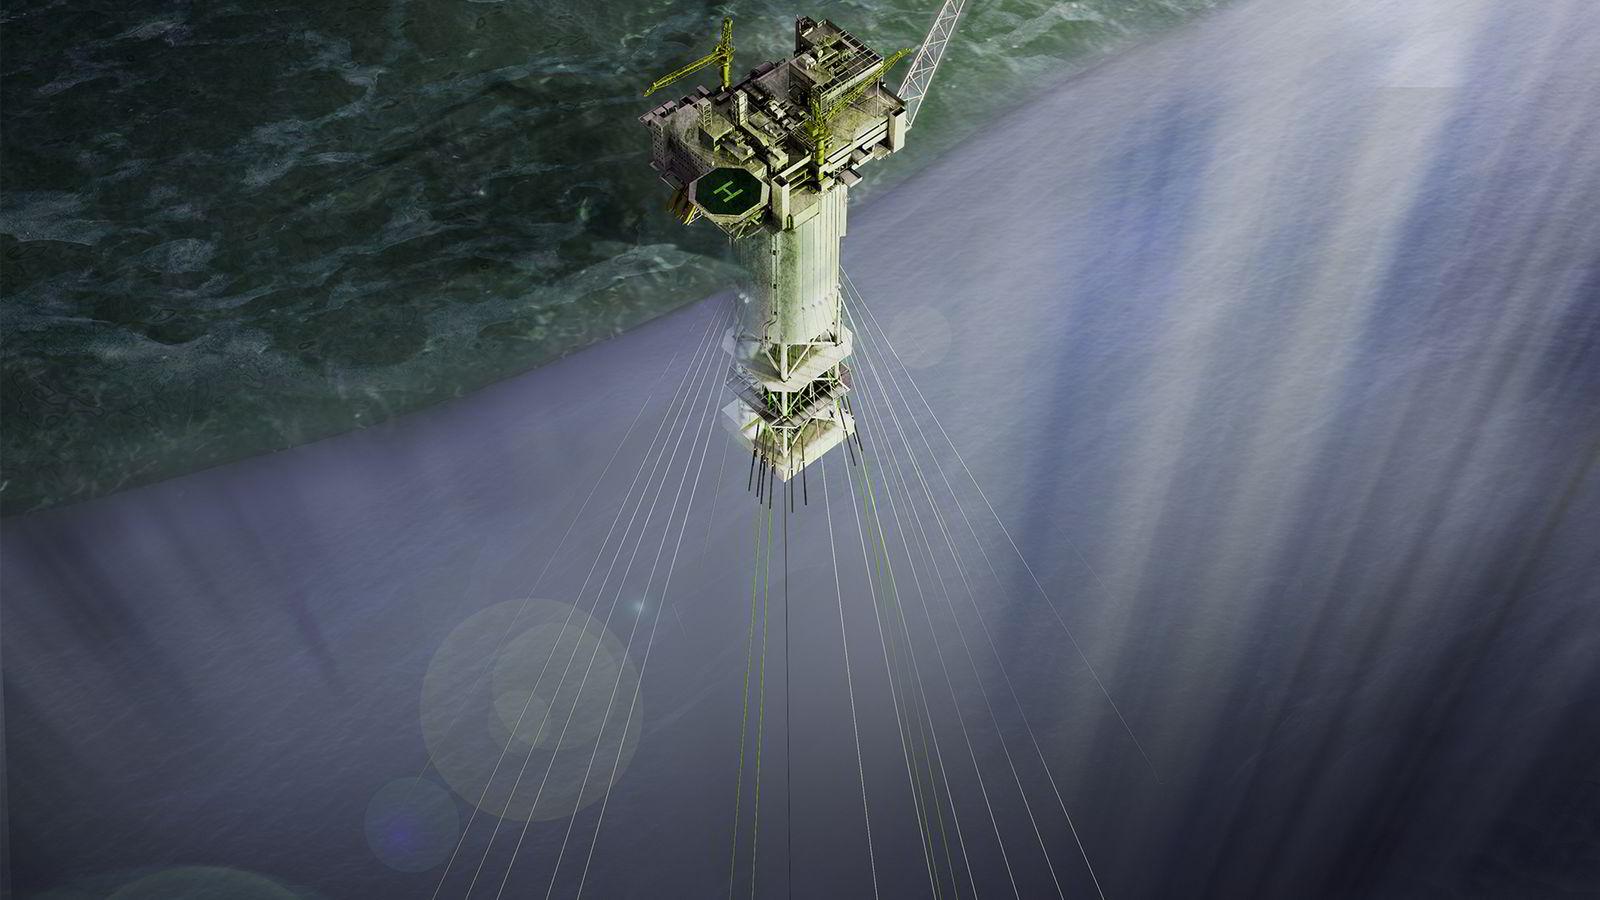 Illustrasjon av Aasta Hansteen-feltet i Norskehavet. Grafikk: Statoil asa